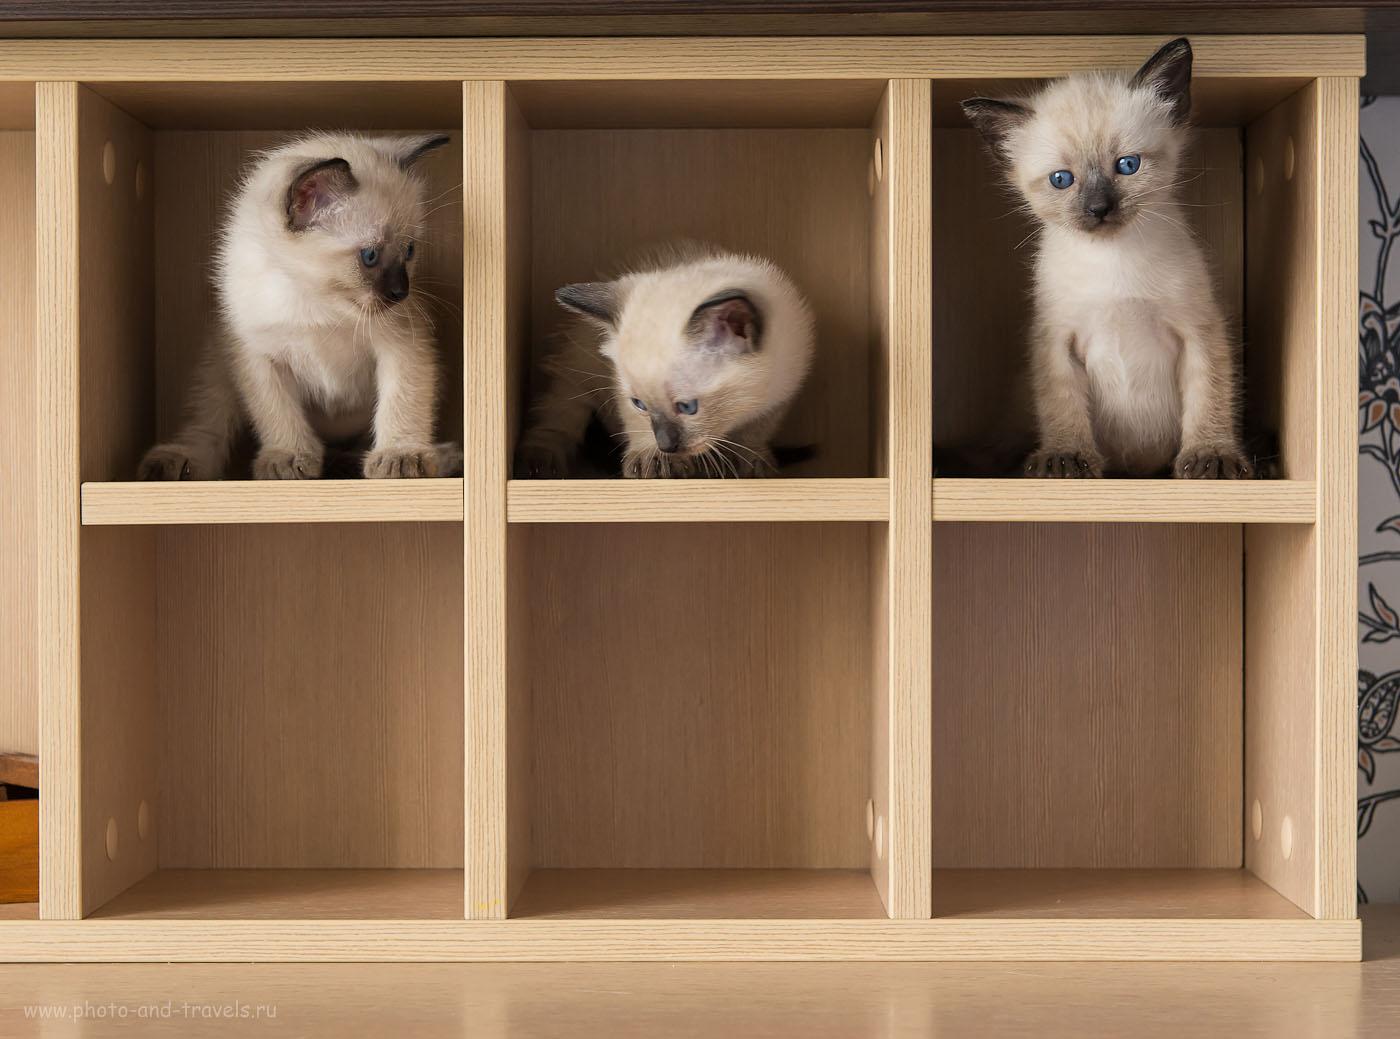 Фото 4. Сидели три товарища. Учимся фотографировать кошек. (настройки фотоаппарата Nikon D610 с объективом Nikkor 24-70/2.8: ИСО 800, диафрагма f/5.6, выдержка В=1/100 секунды, приоритет диафрагмы «А»)